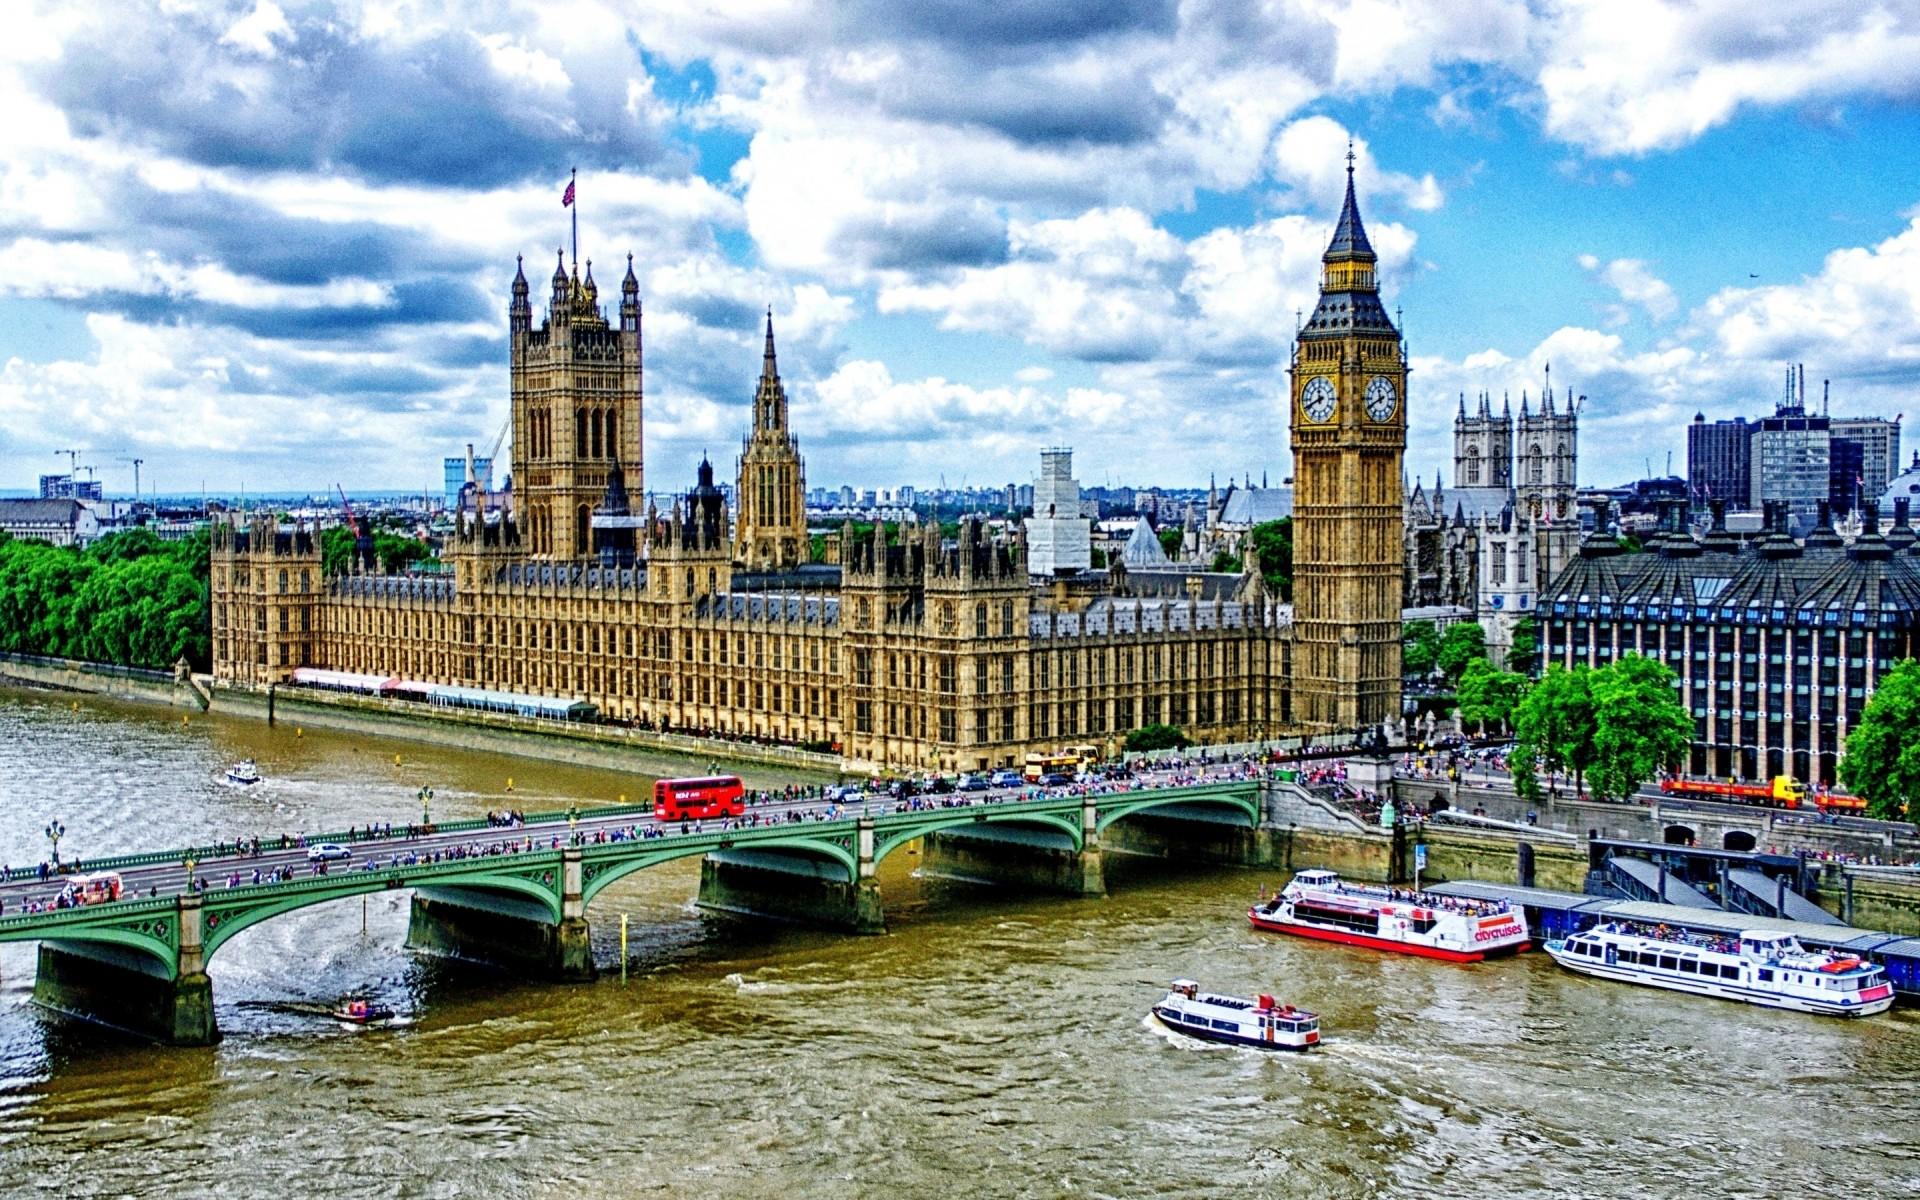 foto-londona-visokogo-razresheniya-dzhuelz-ventura-link